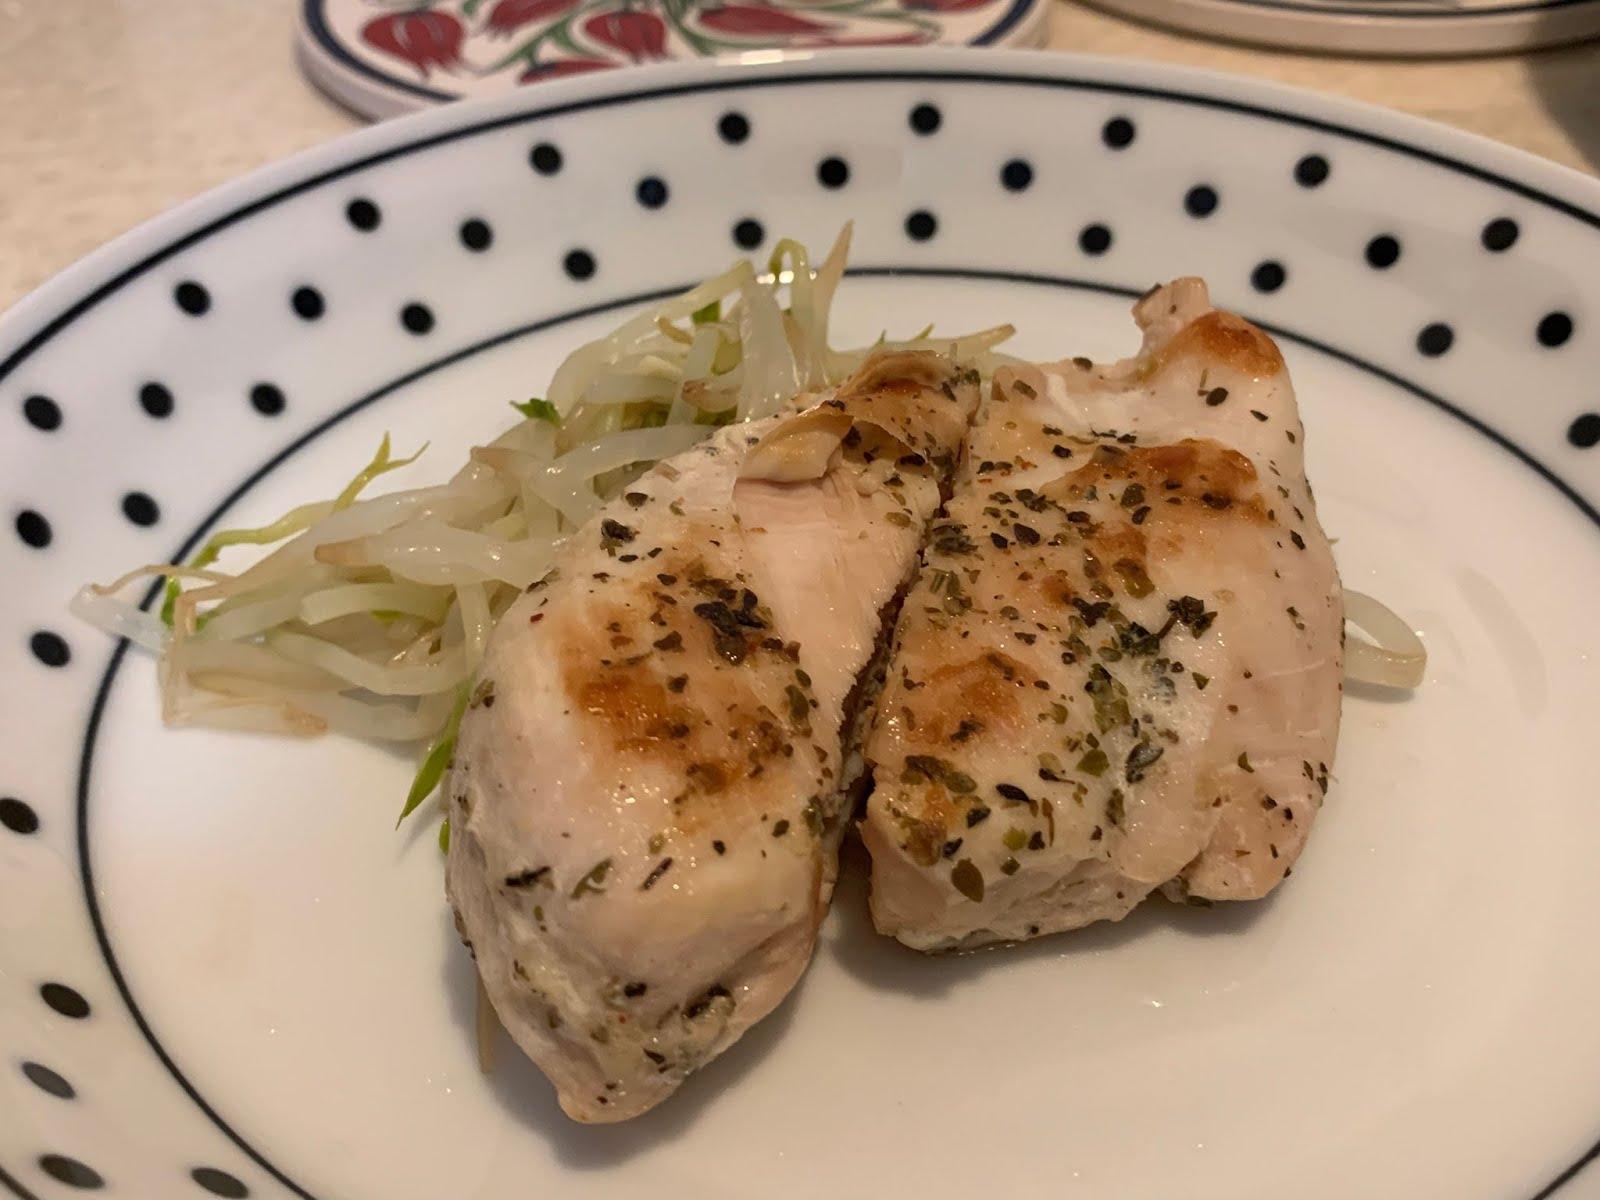 【食譜16】太神奇-之-乾煎雞胸肉軟嫩多汁不乾柴的作法! | Cranenana娜娜鶴